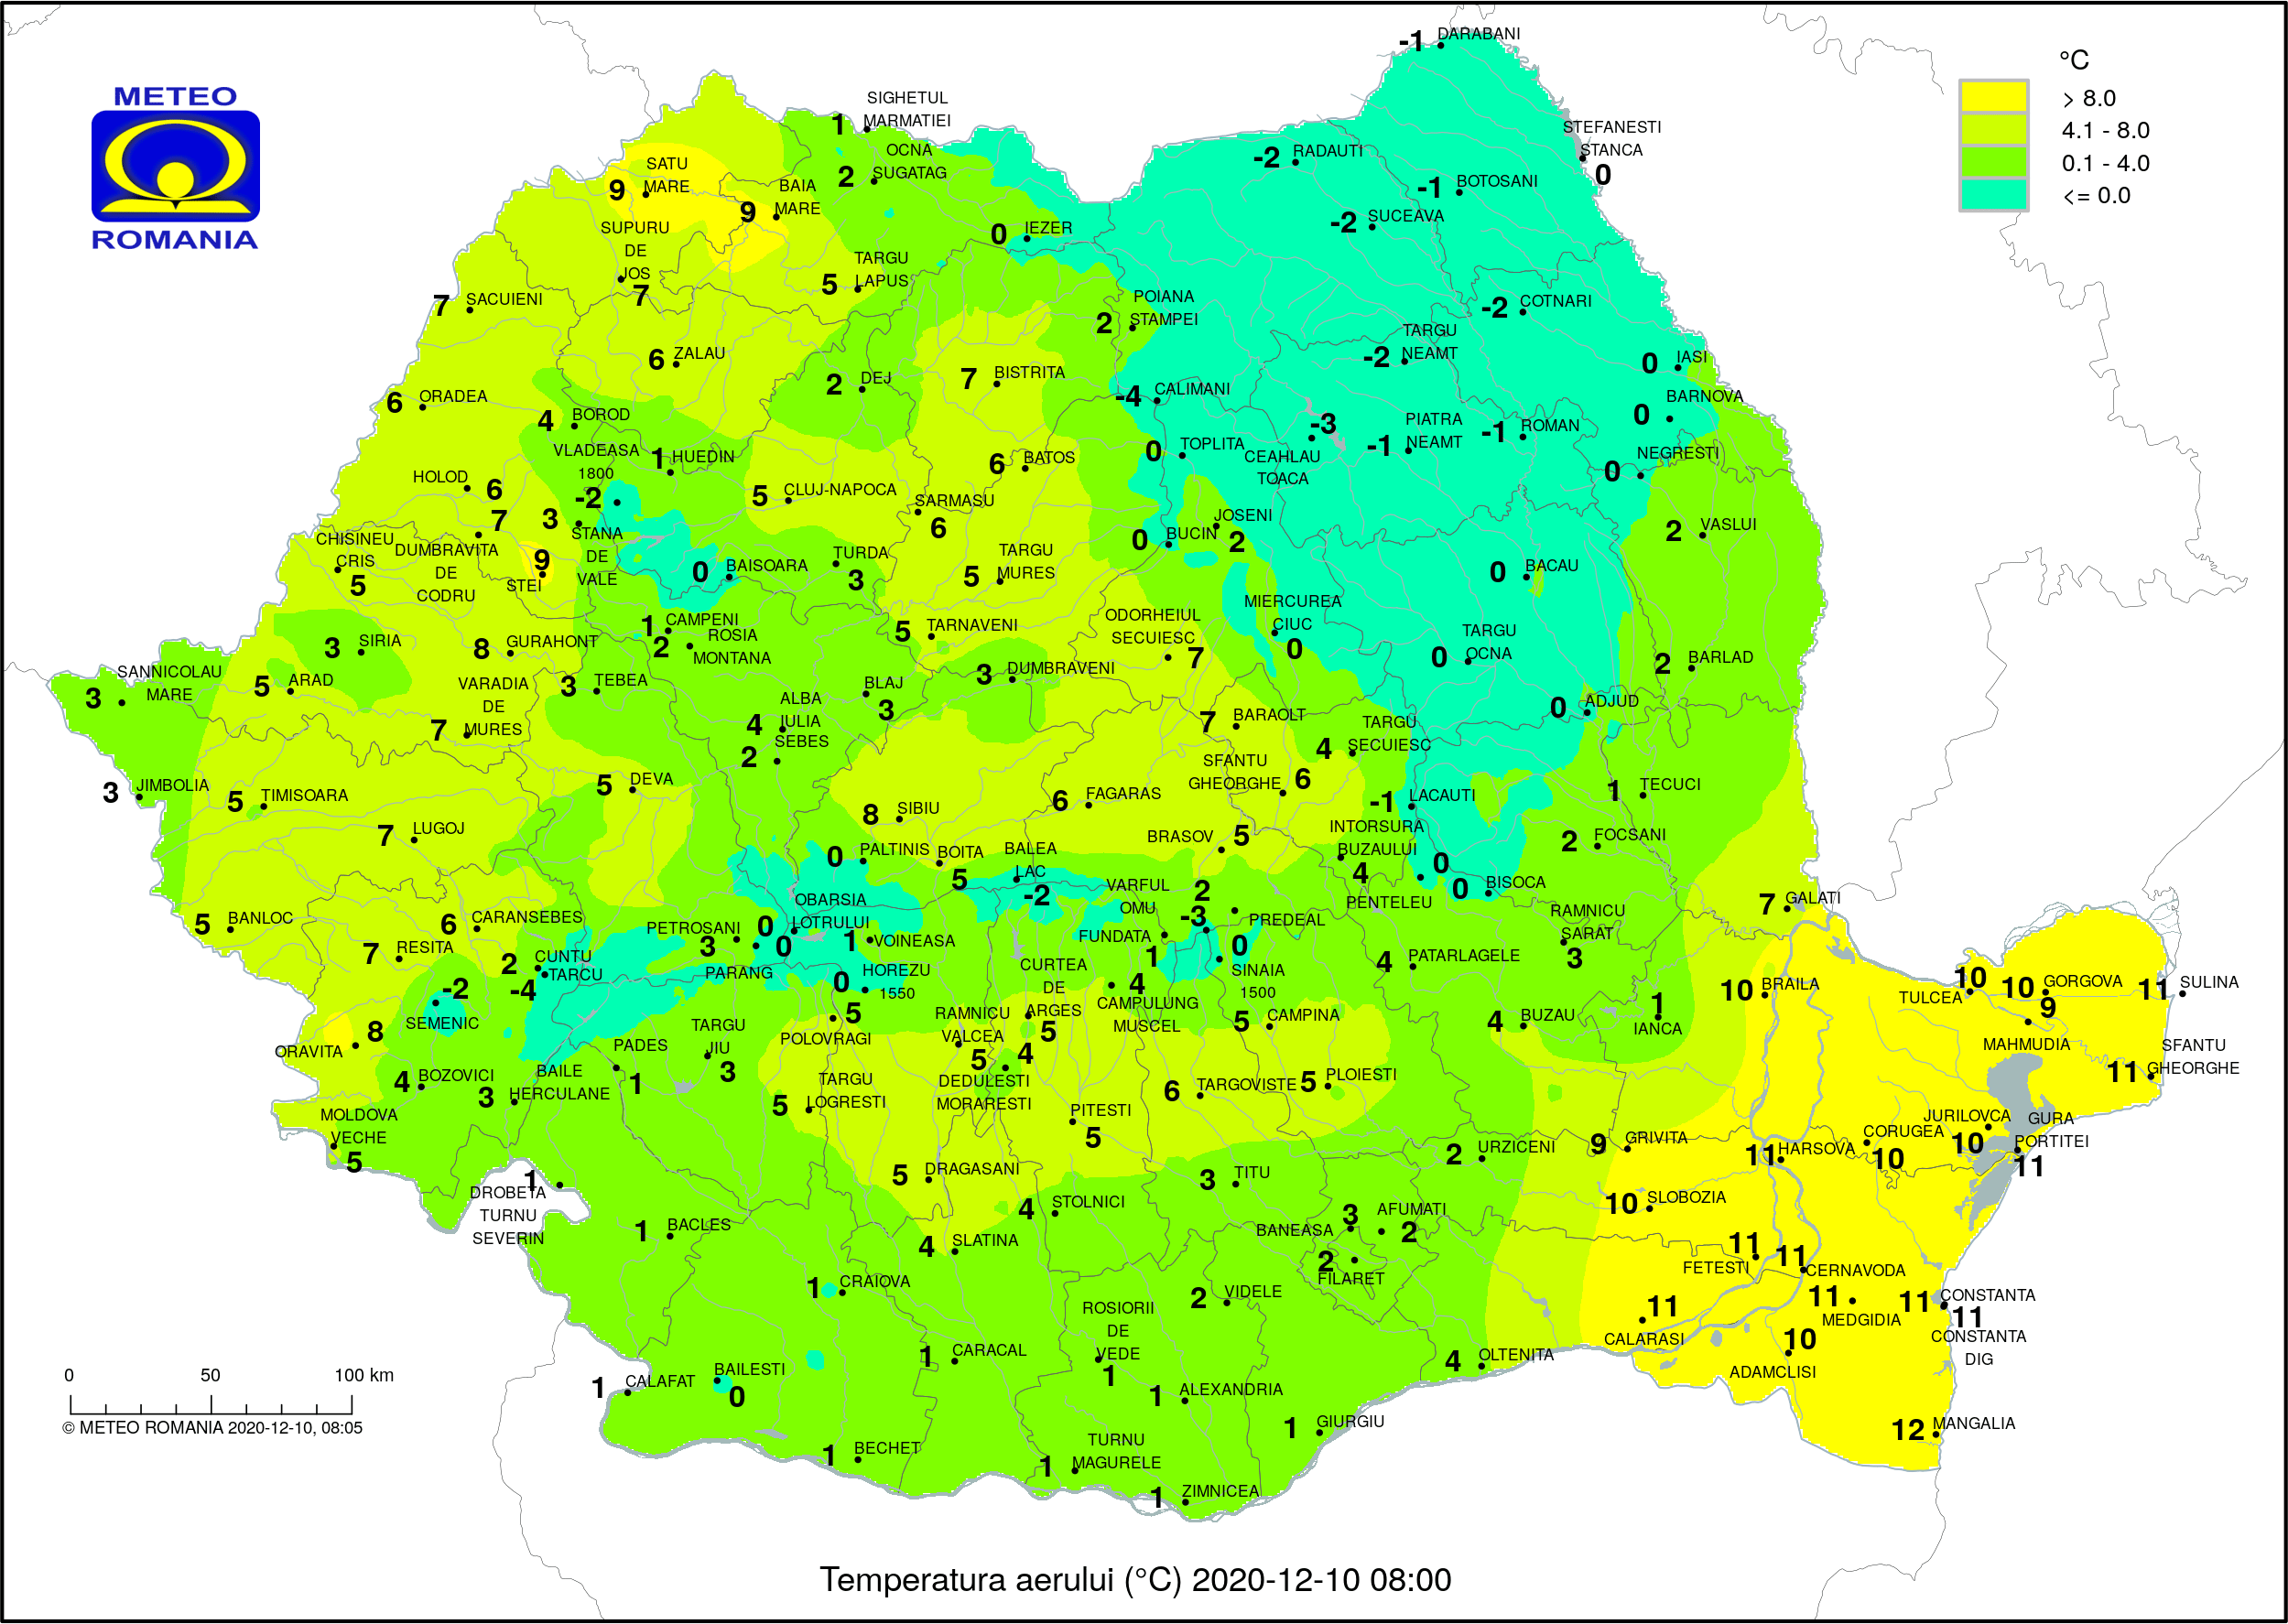 Temperaturile dimineții în România (ora 8) Temperaturi resimțite